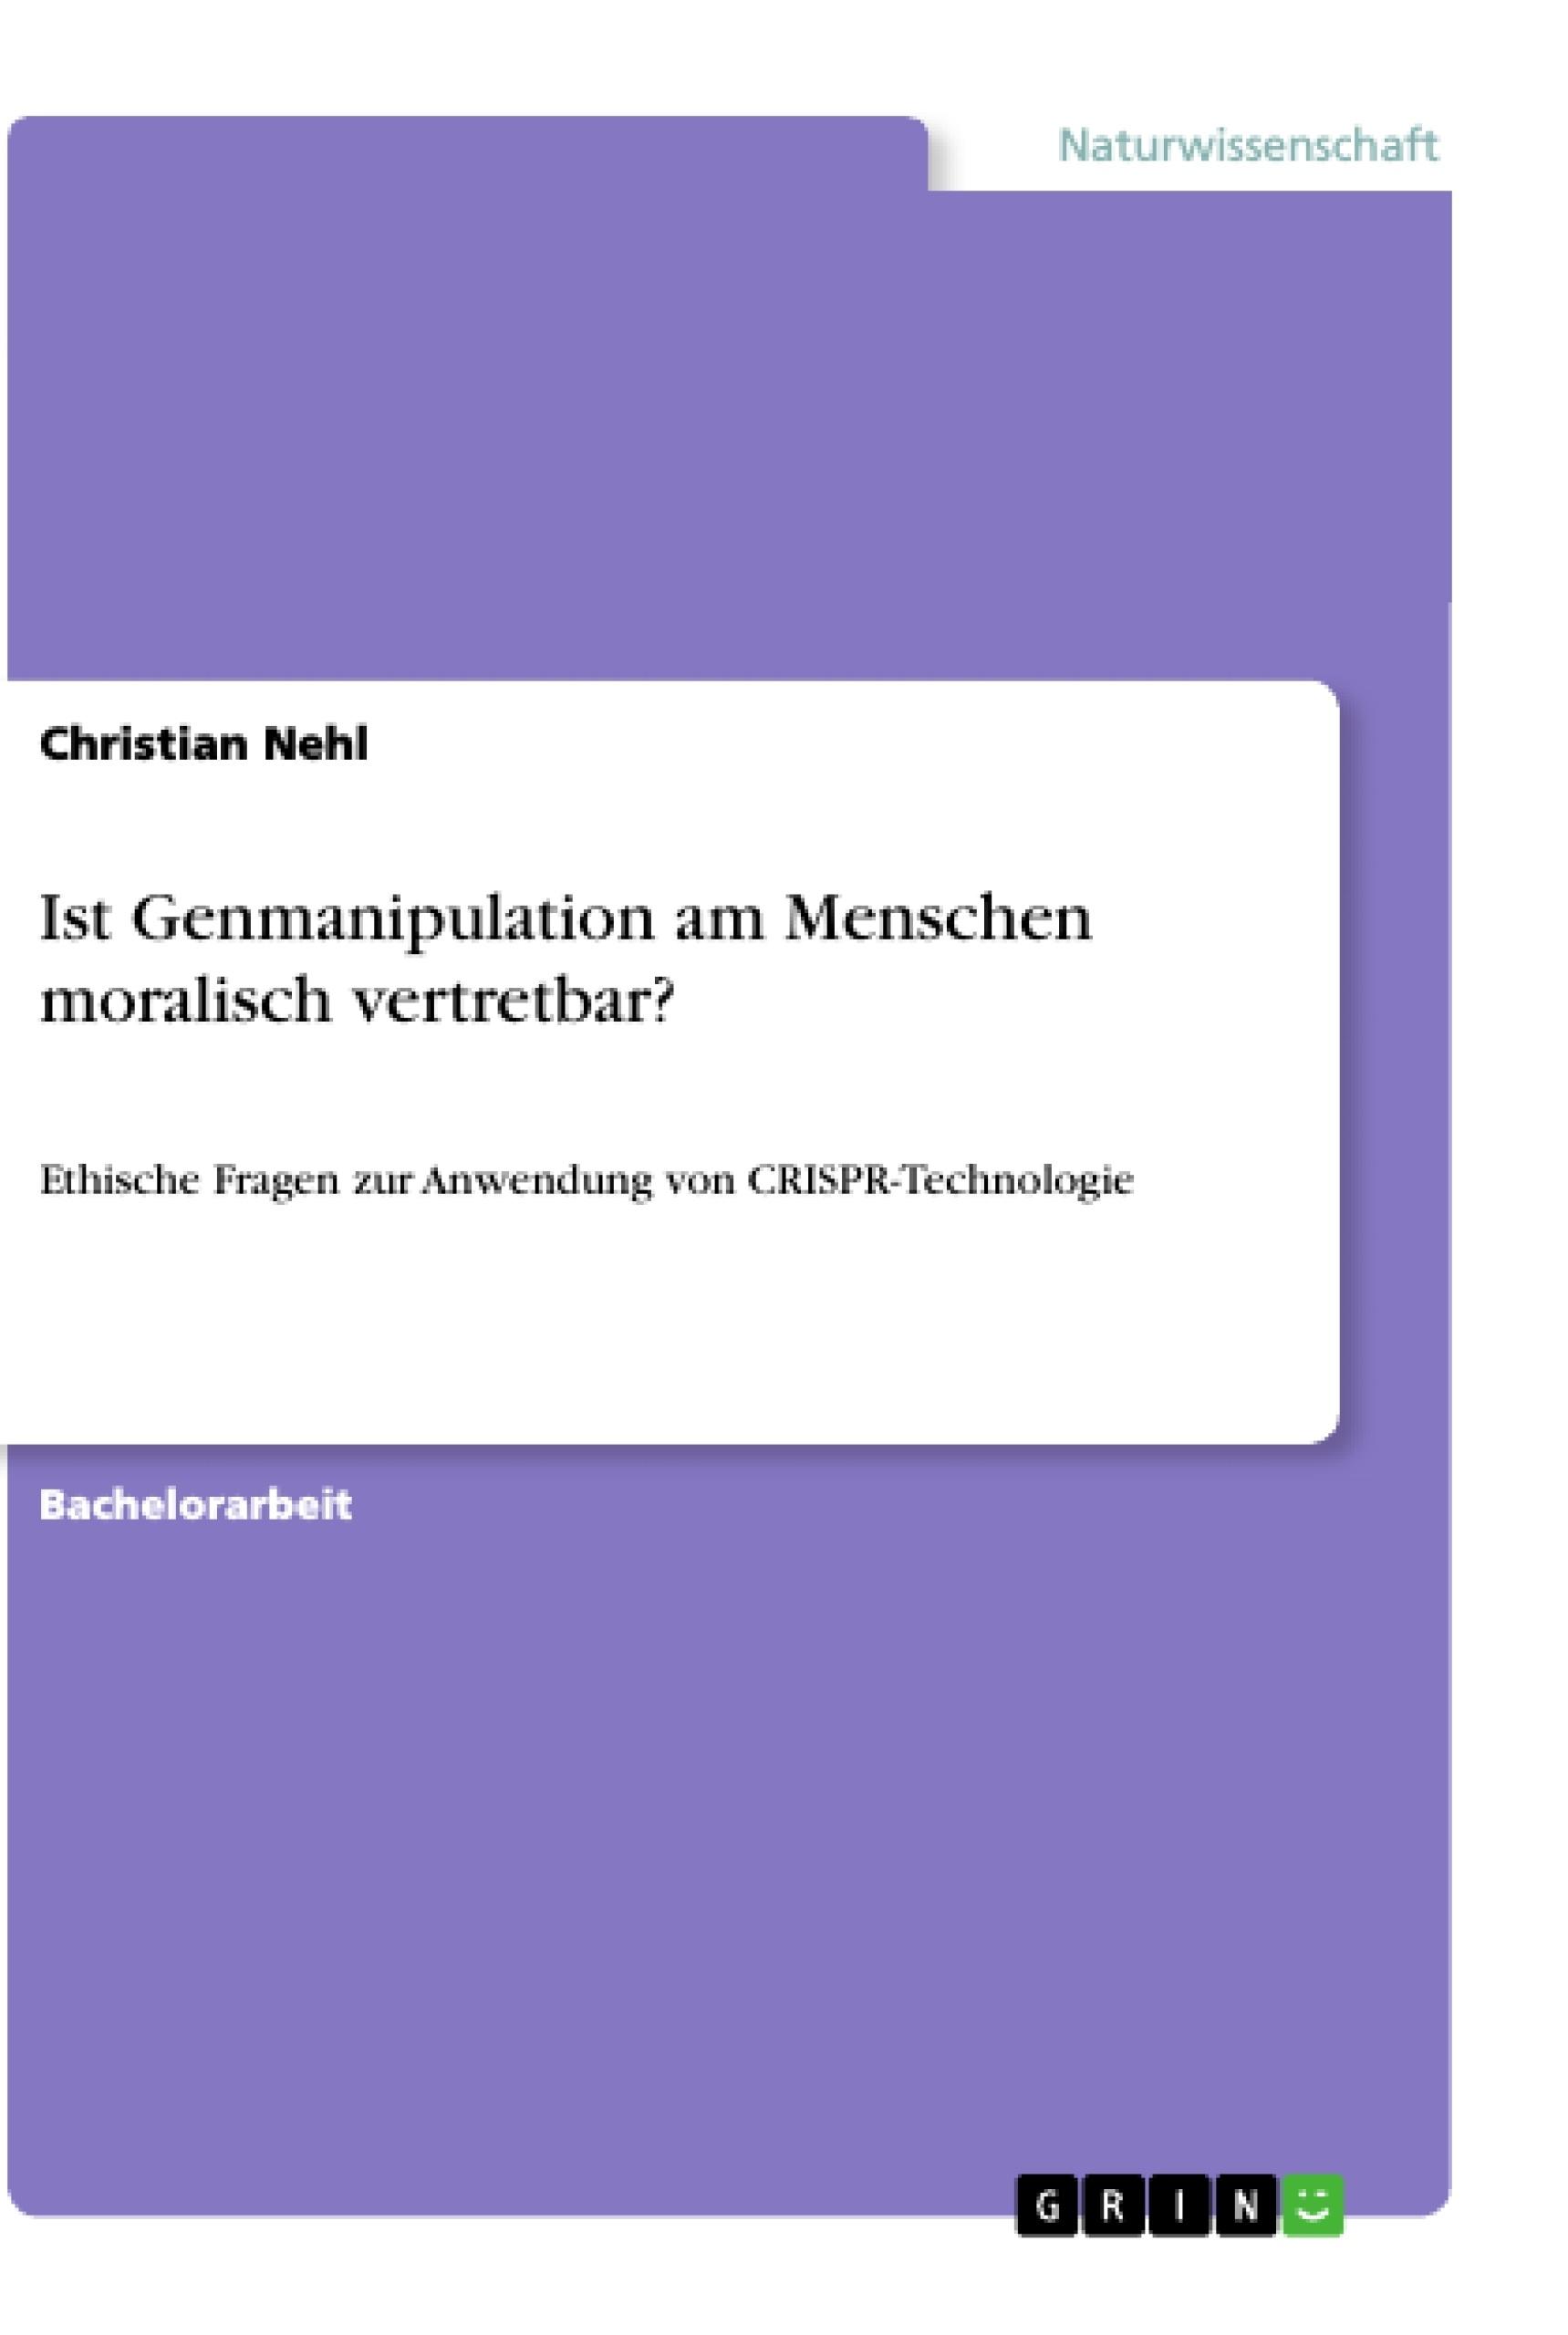 Titel: Ist Genmanipulation am Menschen moralisch vertretbar?